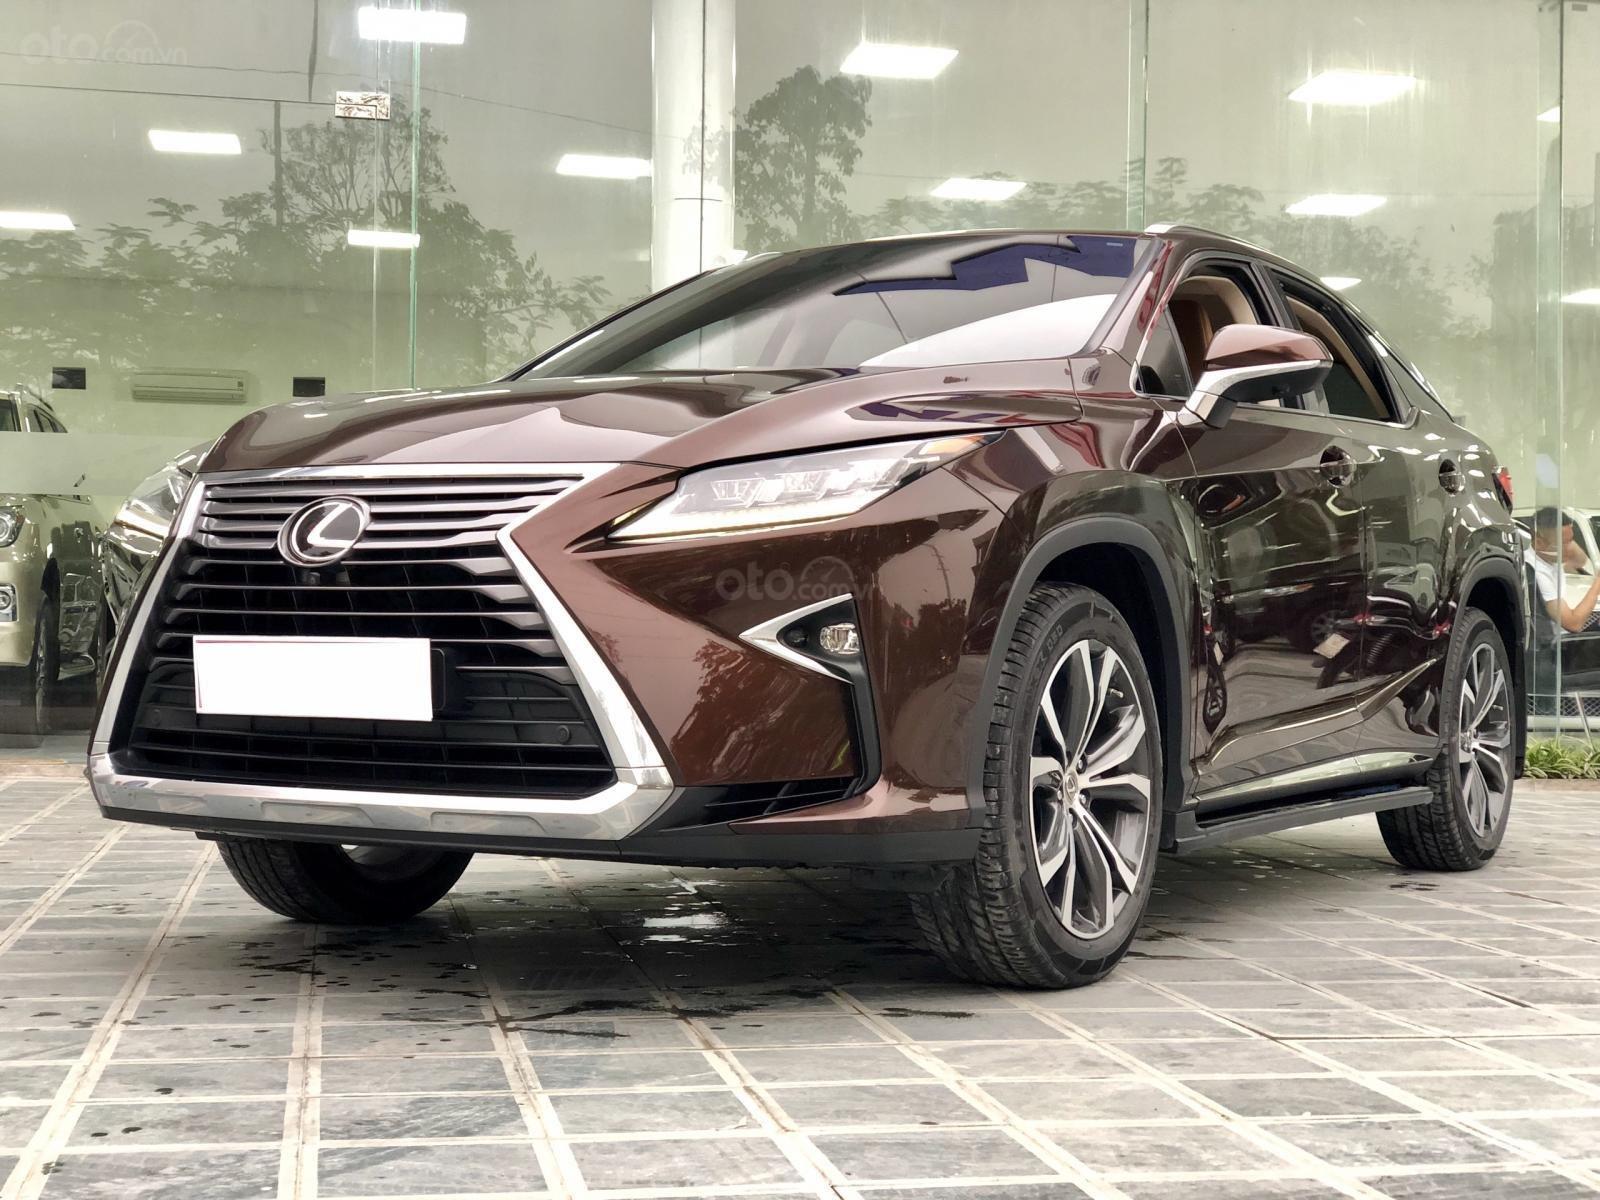 Cần bán xe Lexus RX 350 sản xuất 2017, xe nhập chính hãng. LH 093.996.2368 Ms Ngọc Vy (4)